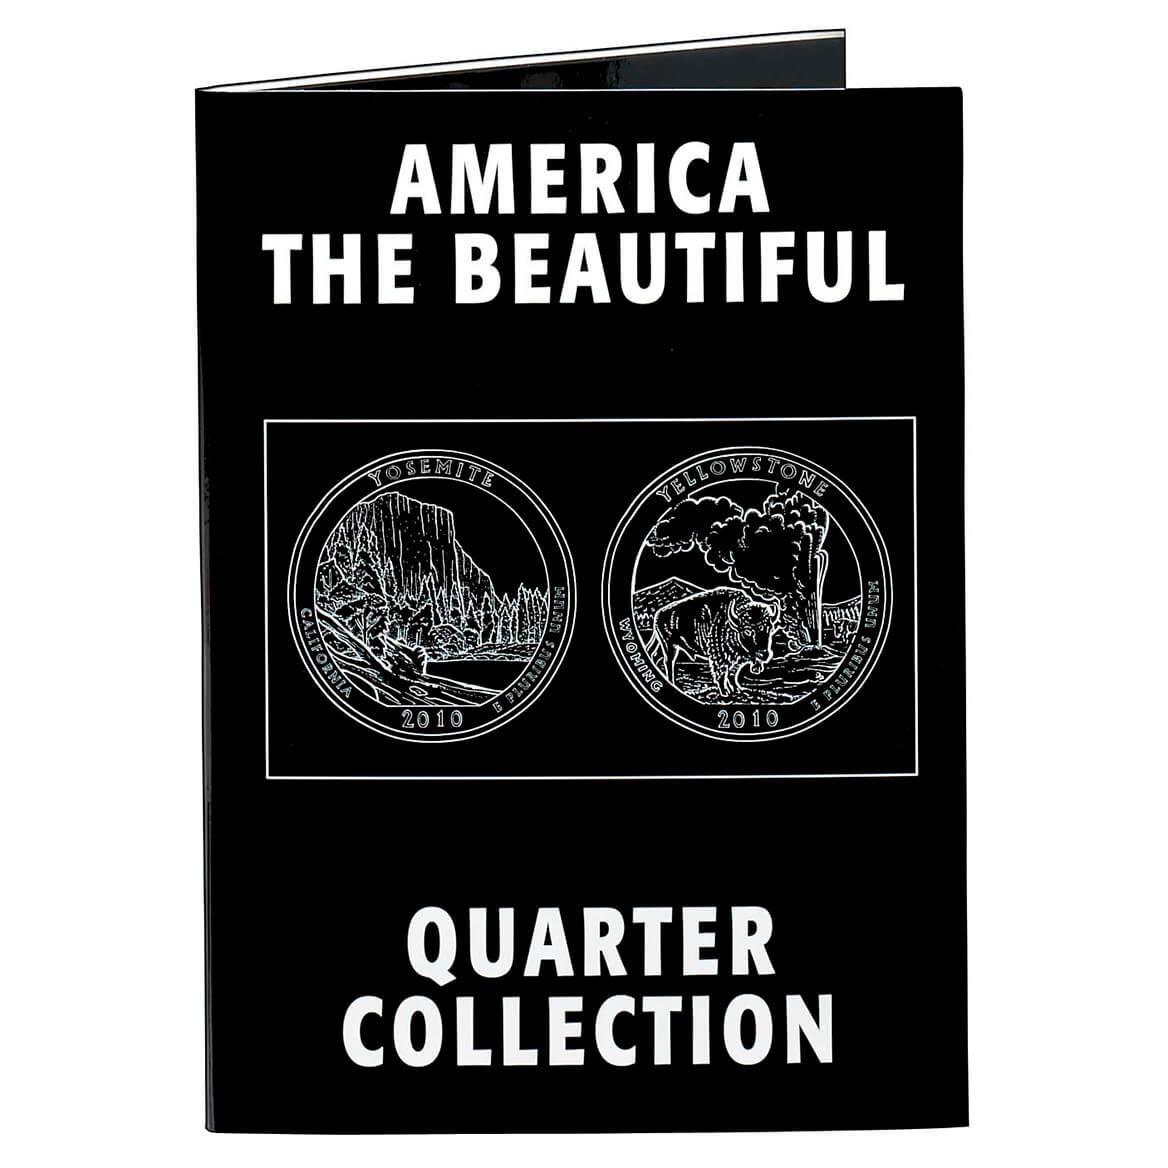 America The Beautiful Quarter Collection Album-340771